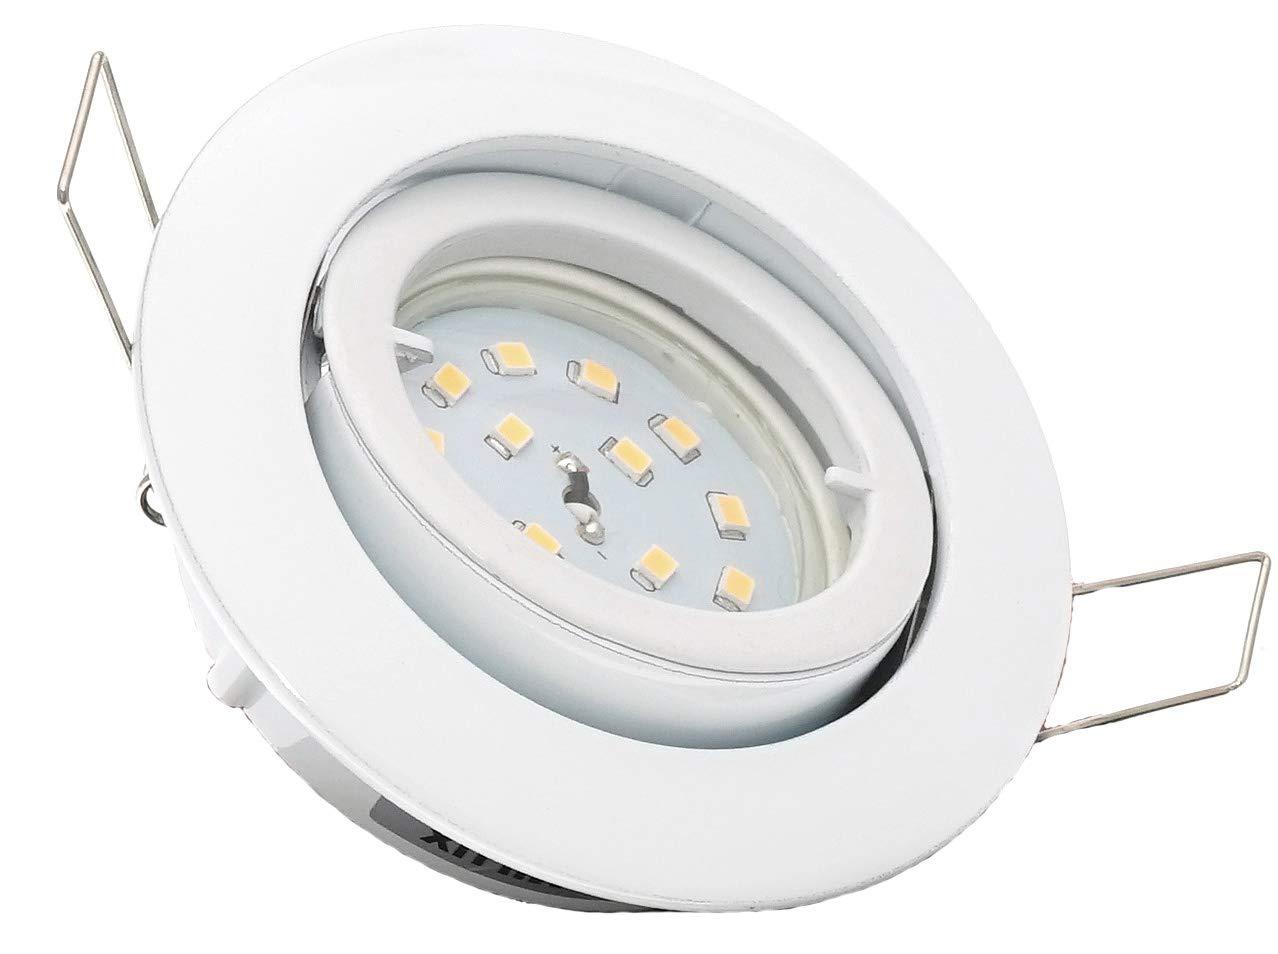 4er Set dimmbare Einbaustrahler Lino  flach Farbe Weiss inkl. 230Volt   5 Watt SMD Leuchtmittel dimmbar - entspricht einer 50 Watt Leuchte Lichtfarbe neutraltweiß sehr FLACH 30mm einbautiefe.